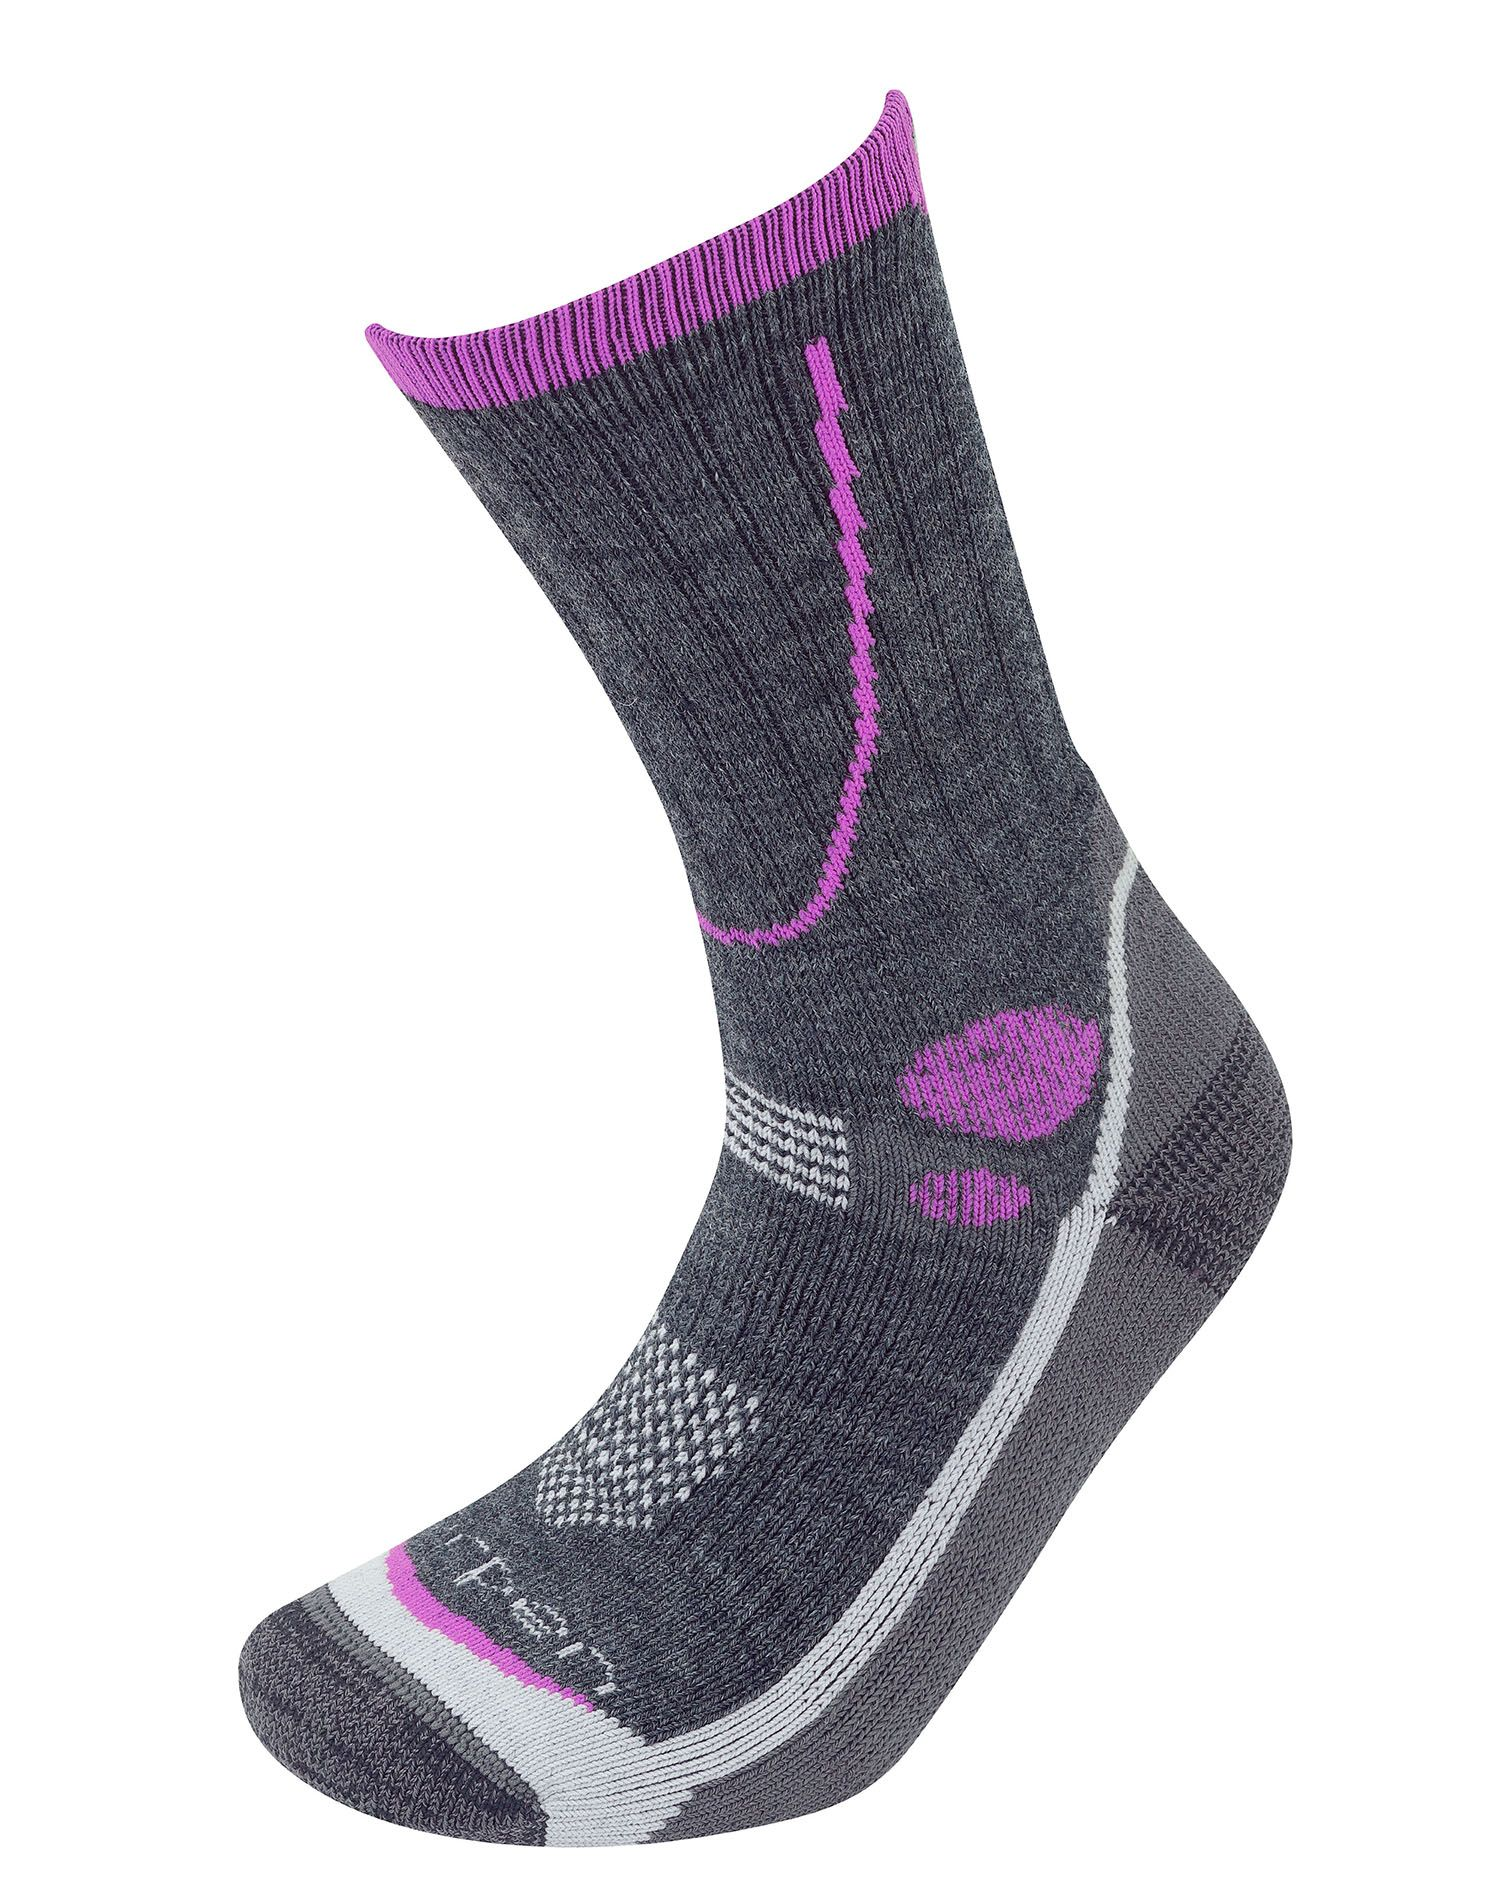 Lorpen T3 Midweight Hiker - chaussettes randonnée femme